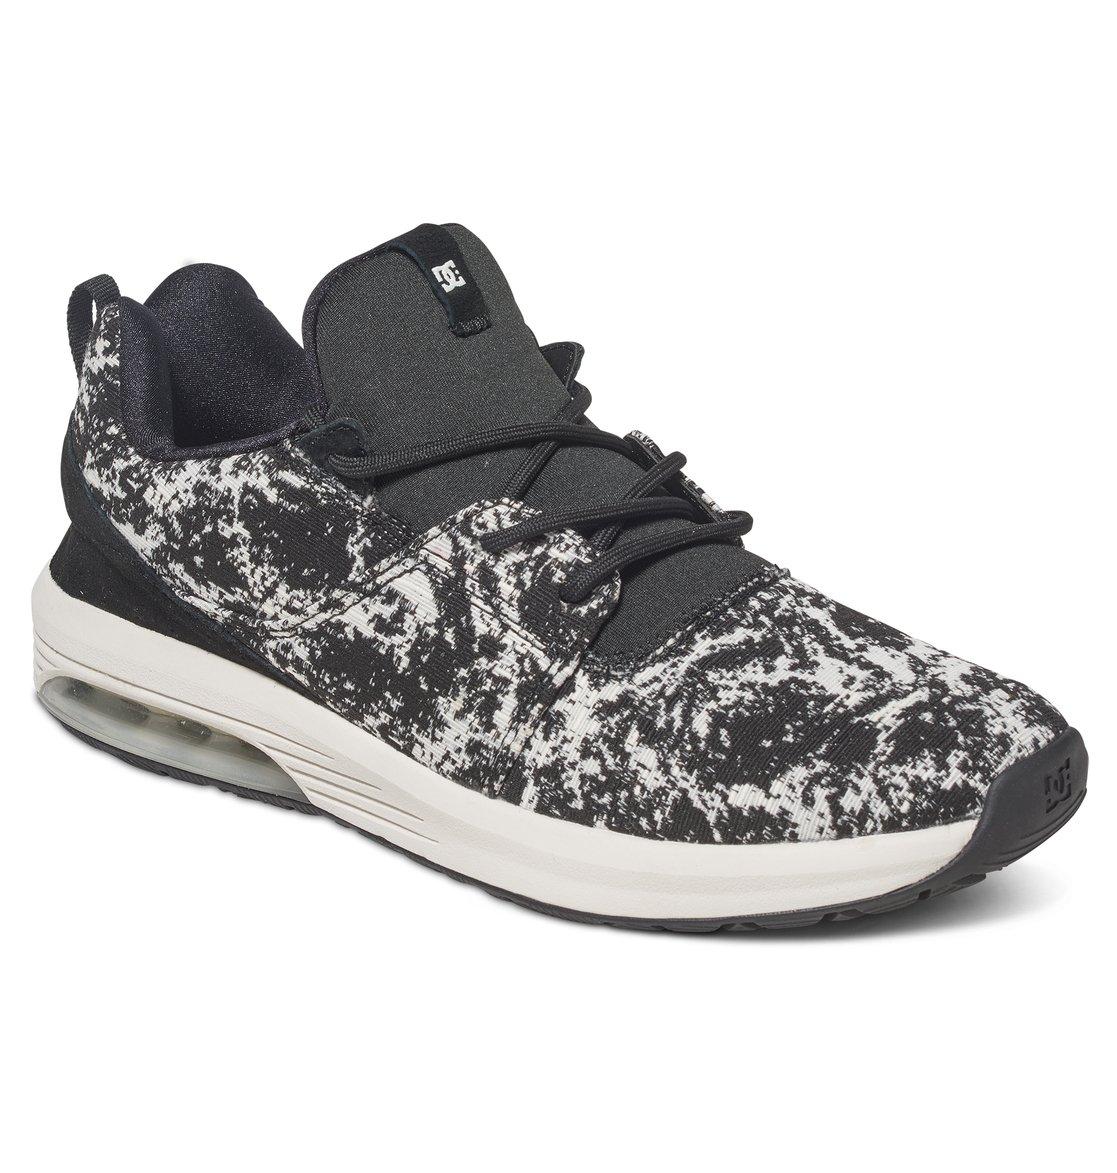 dc shoes Heathrow - Scarpe da Uomo - Gray - DC Shoes